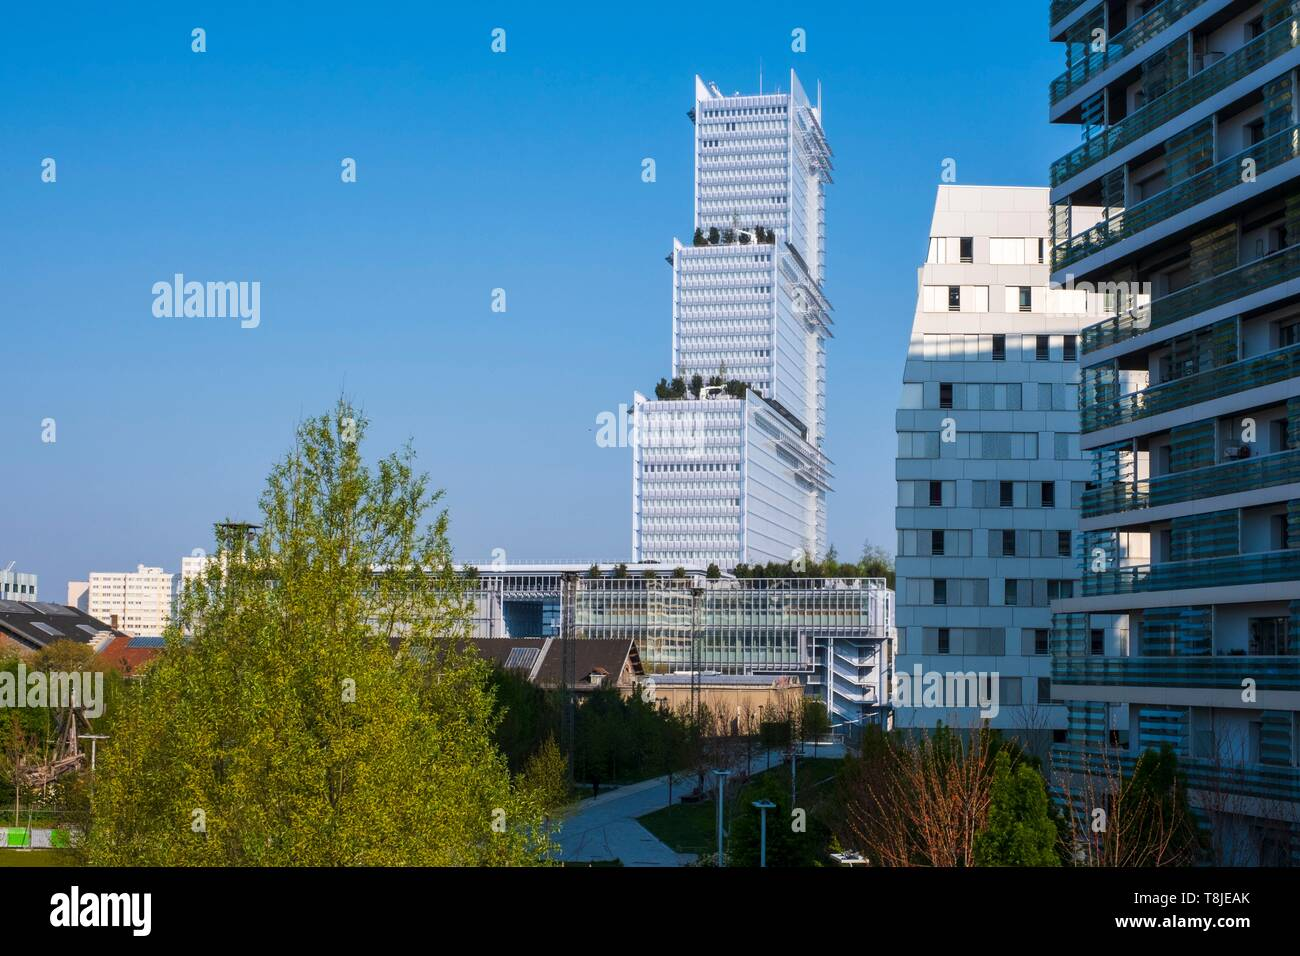 France, Paris, Batignolles district, Clichy Batignolles Martin Luther King garden with a building in the Clichy Batignolles urban development, new Palais de Justice by Renzo Piano Stock Photo